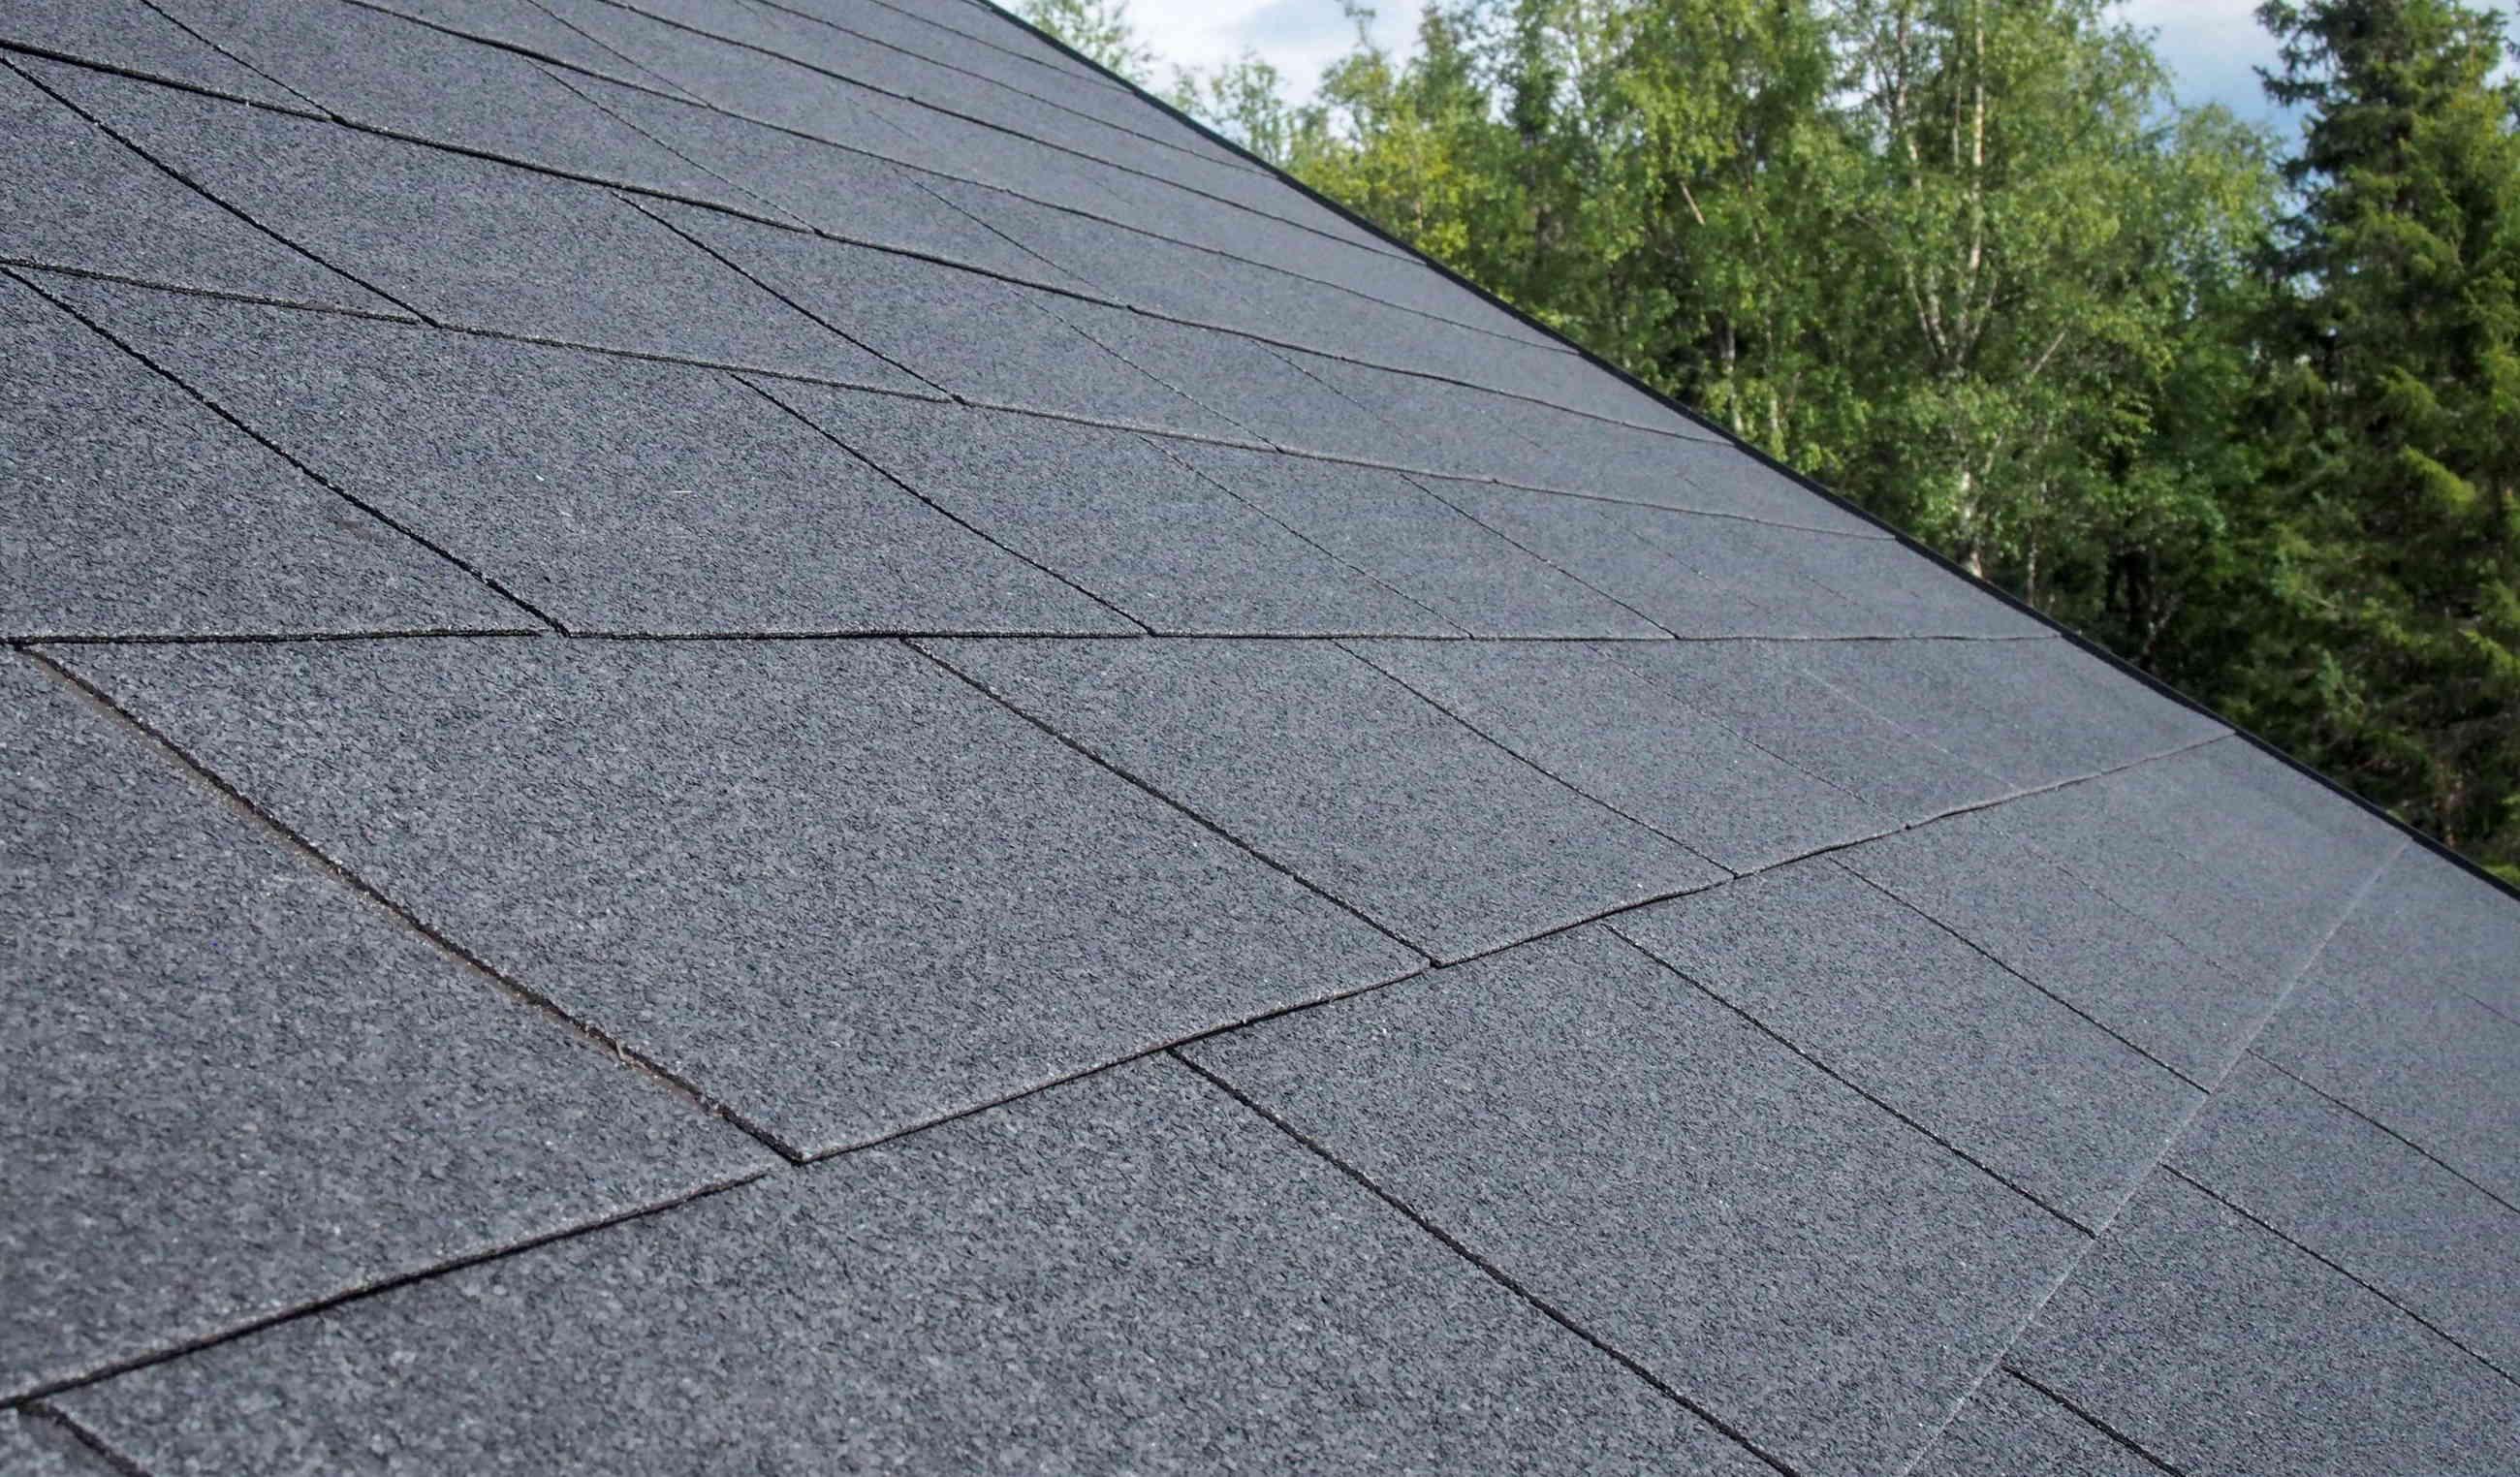 IMG - Plano XL musta kattolaatta grafiitinmusta lähikuvassa katolla - 2600px / 1524px